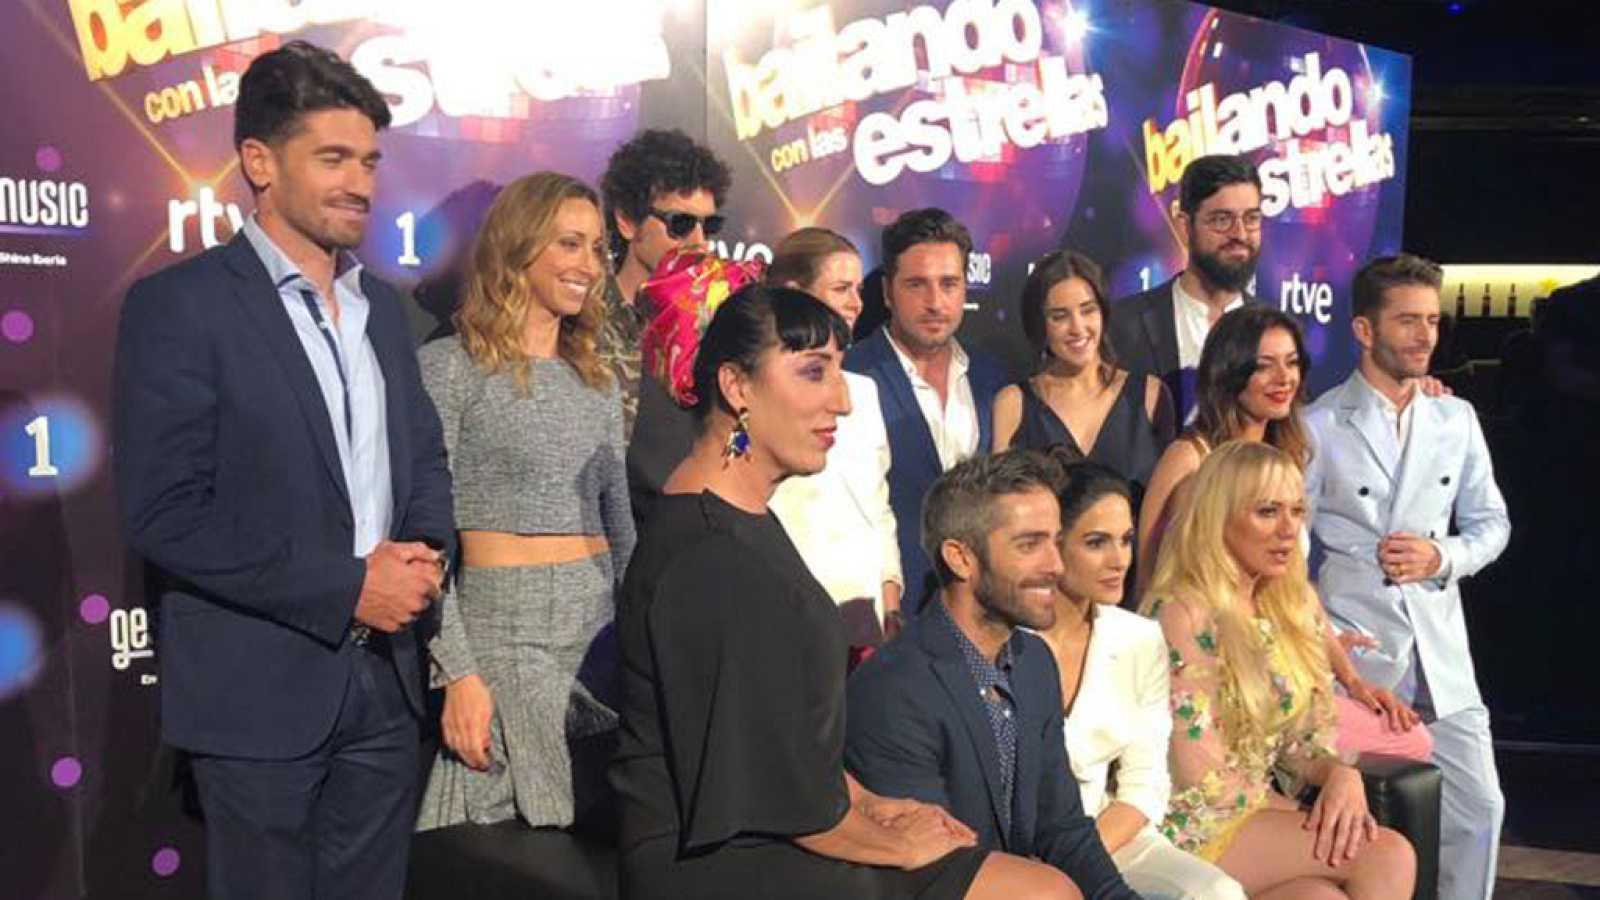 Telediario - 'Bailando con las estrellas' llega al prime time de TVE